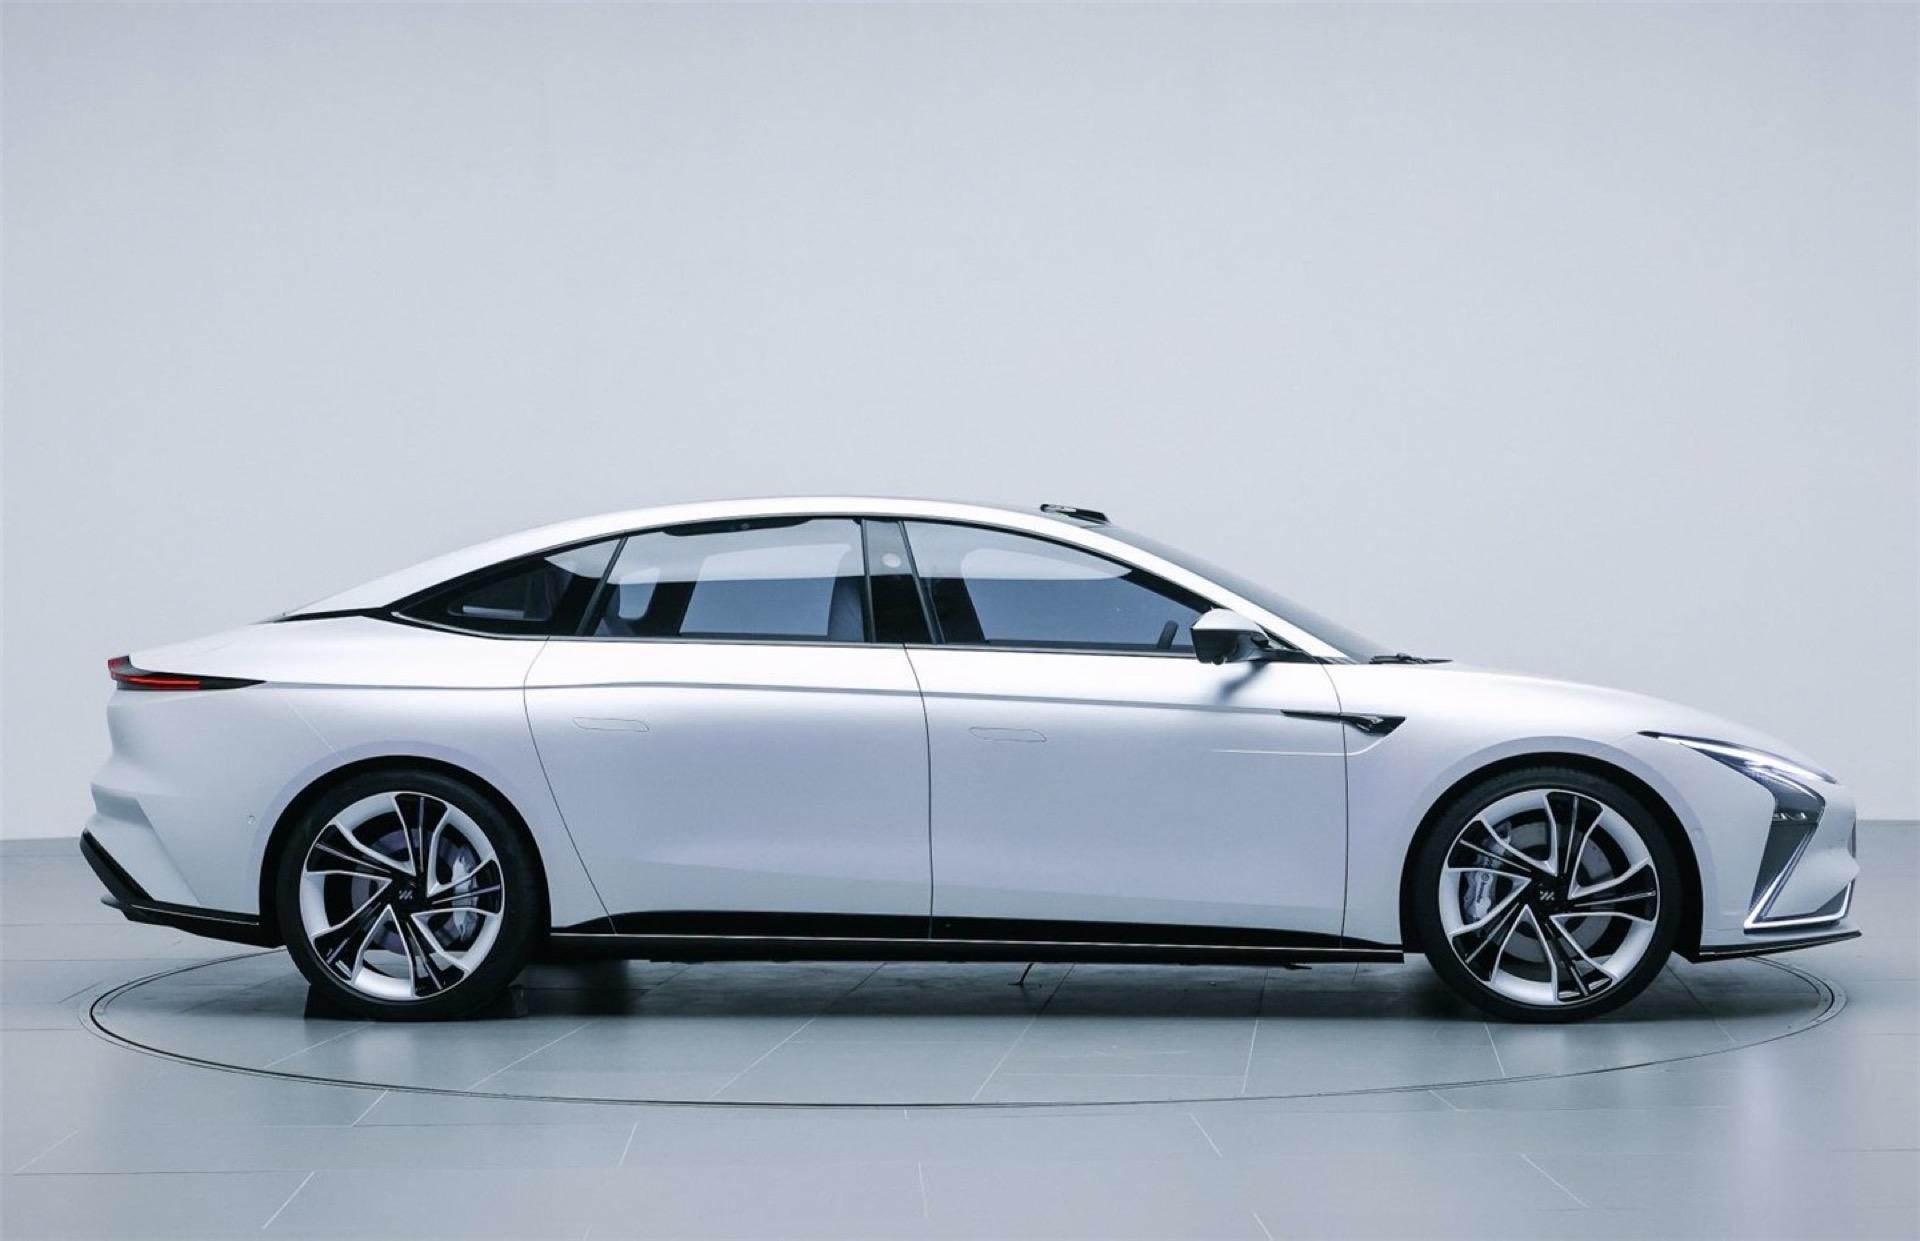 Preview Auto Shanghai 2021 AutoinfoOnline (6)